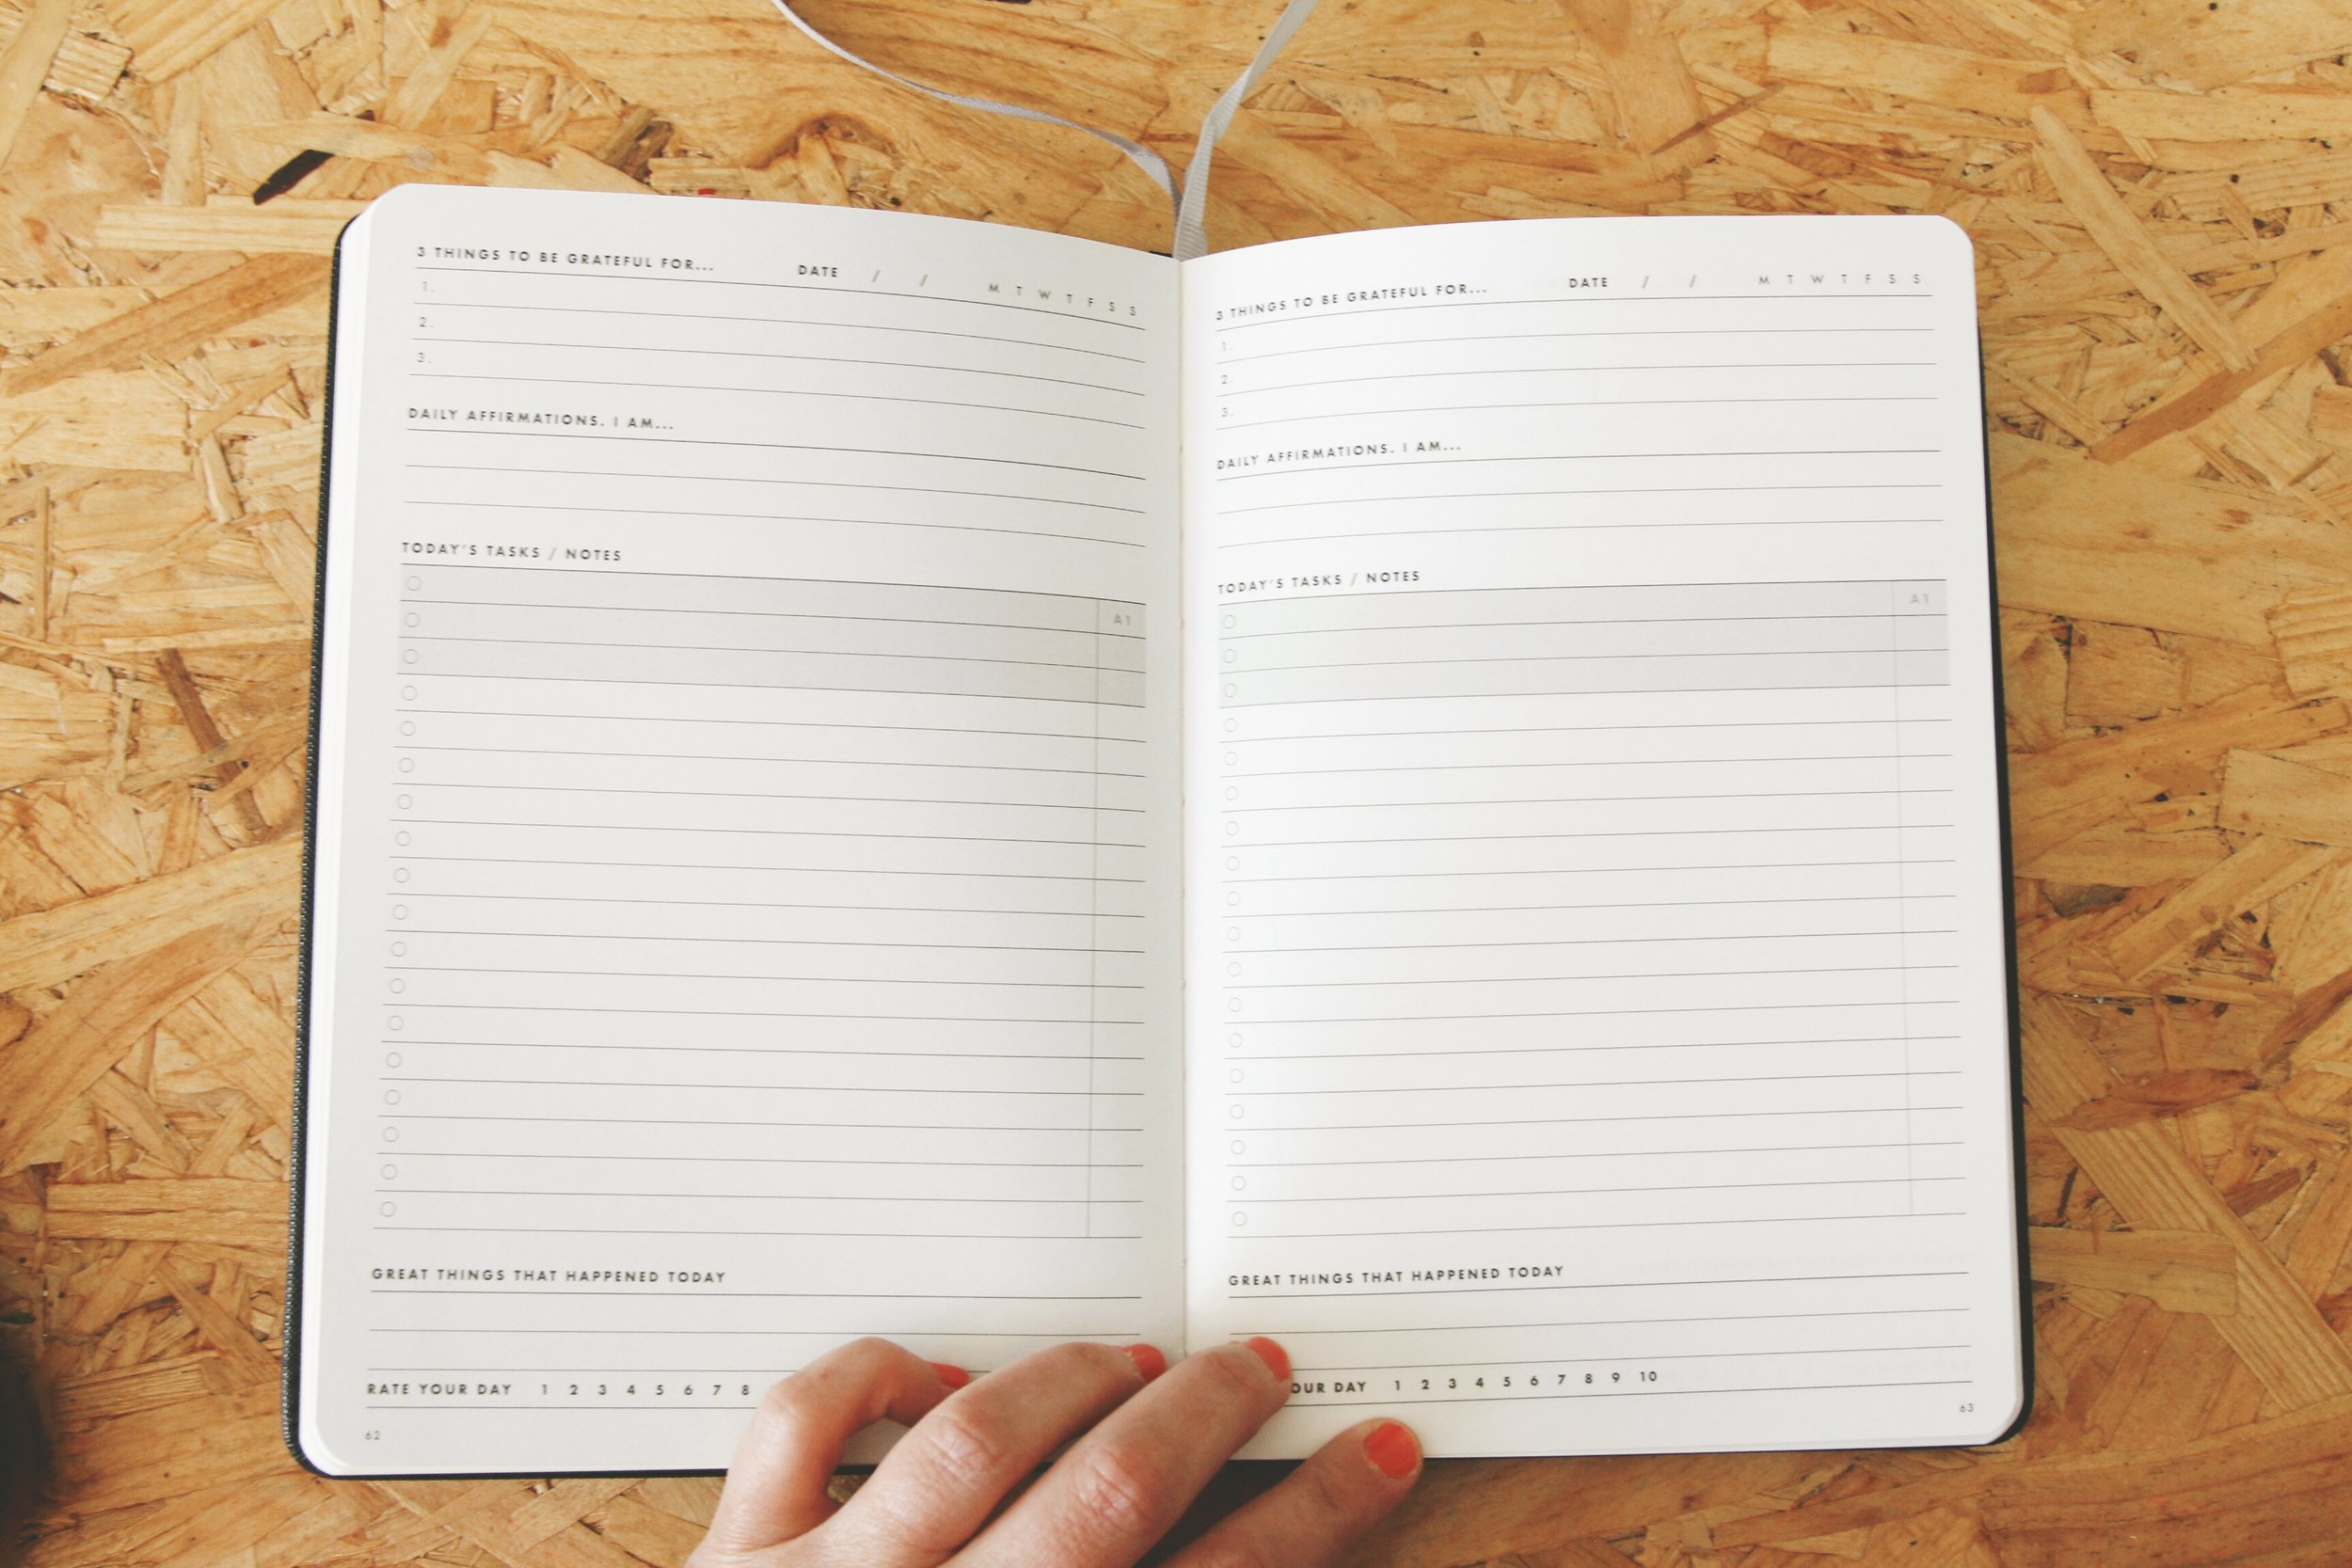 celine navarro daily goal setter planner 11.JPG